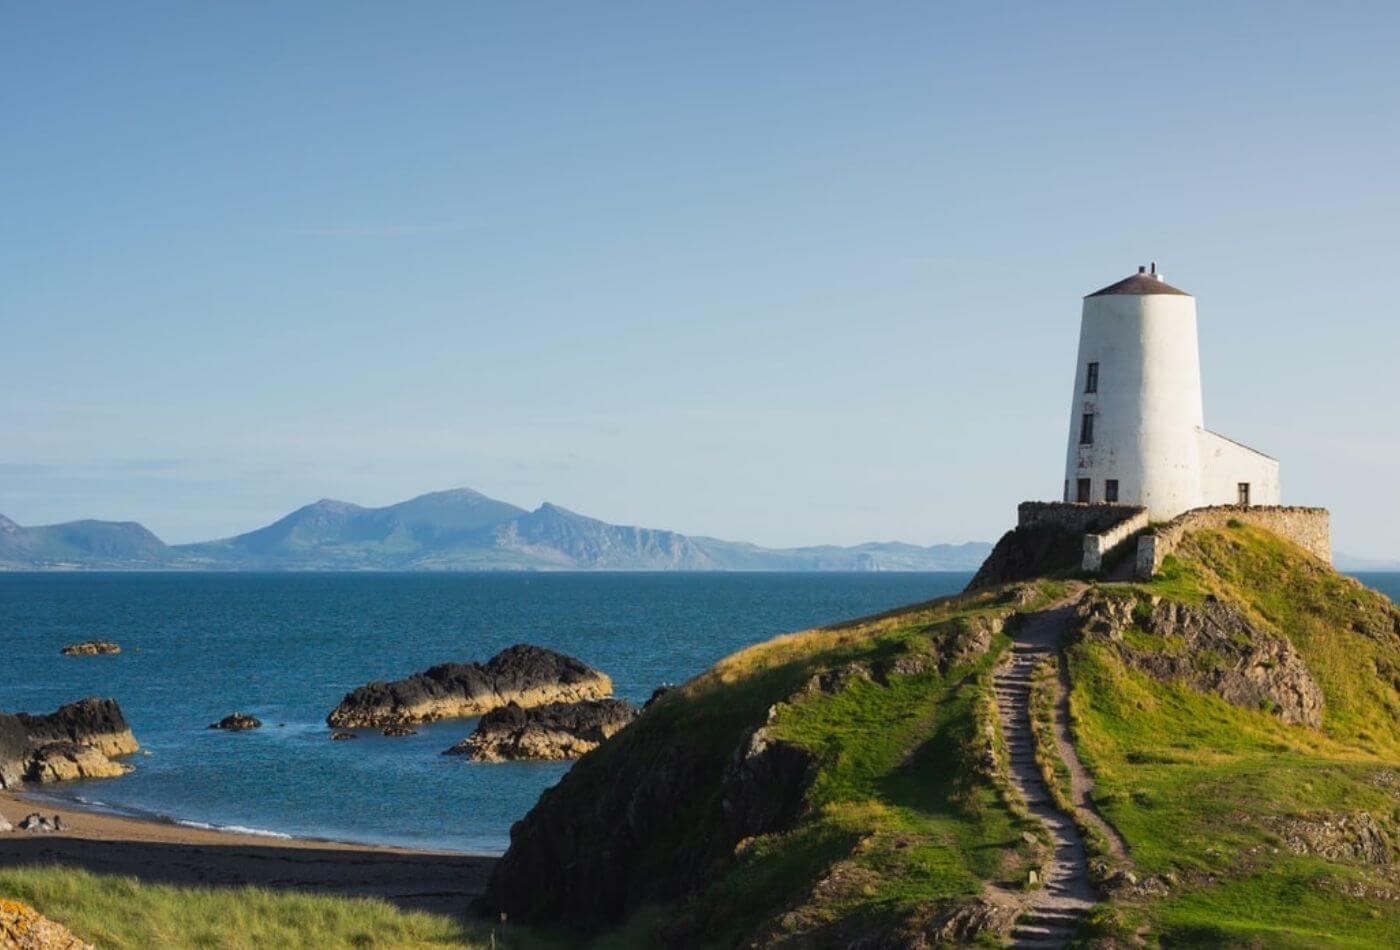 Llanddwyn Island and Llanddwyn Lighthouse